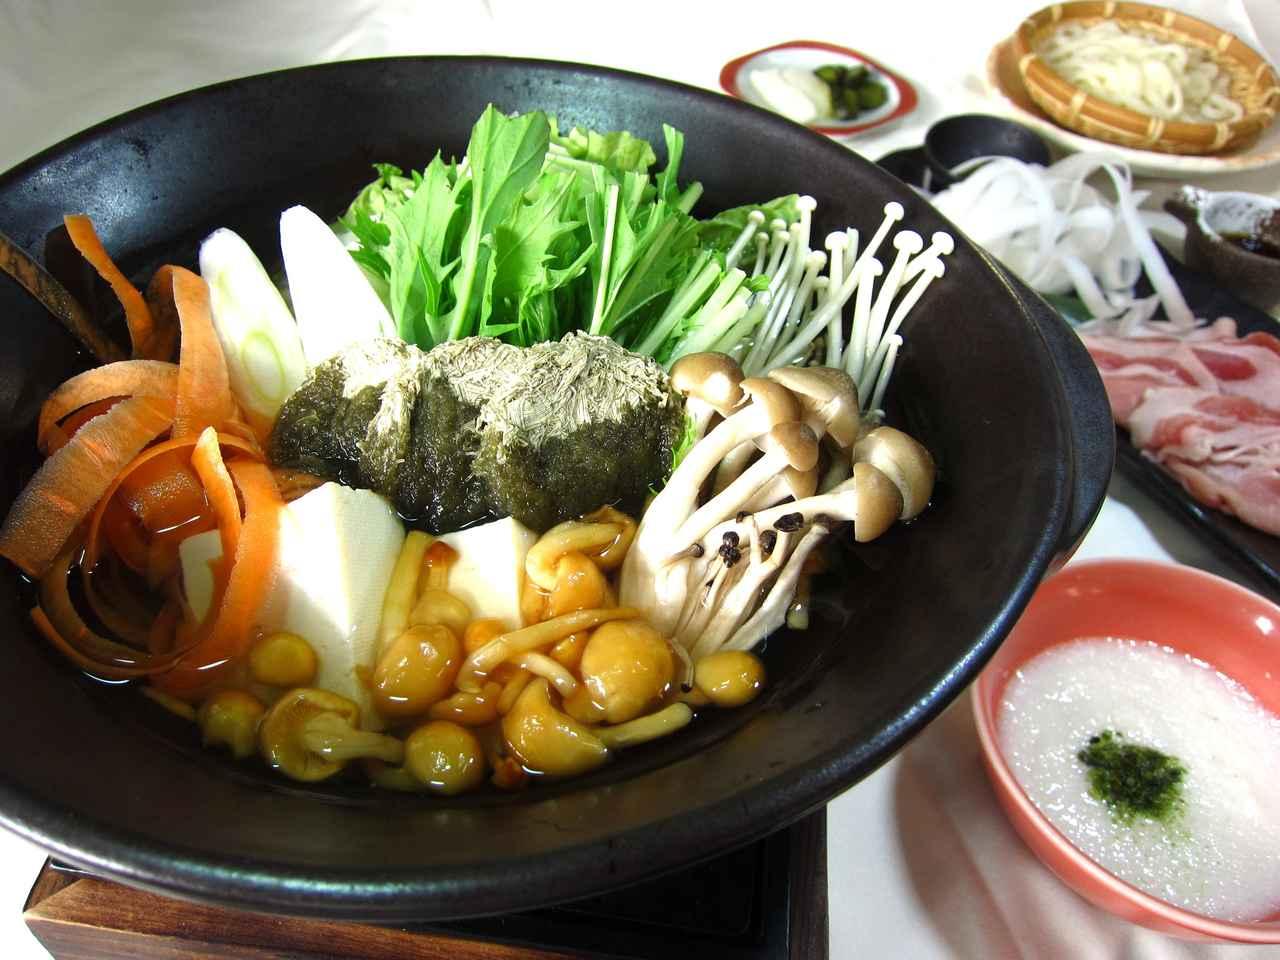 画像: 火にかけ、アツアツの状態で食べられる。提供地域は宮城県 ・新潟県・福島県・栃木県